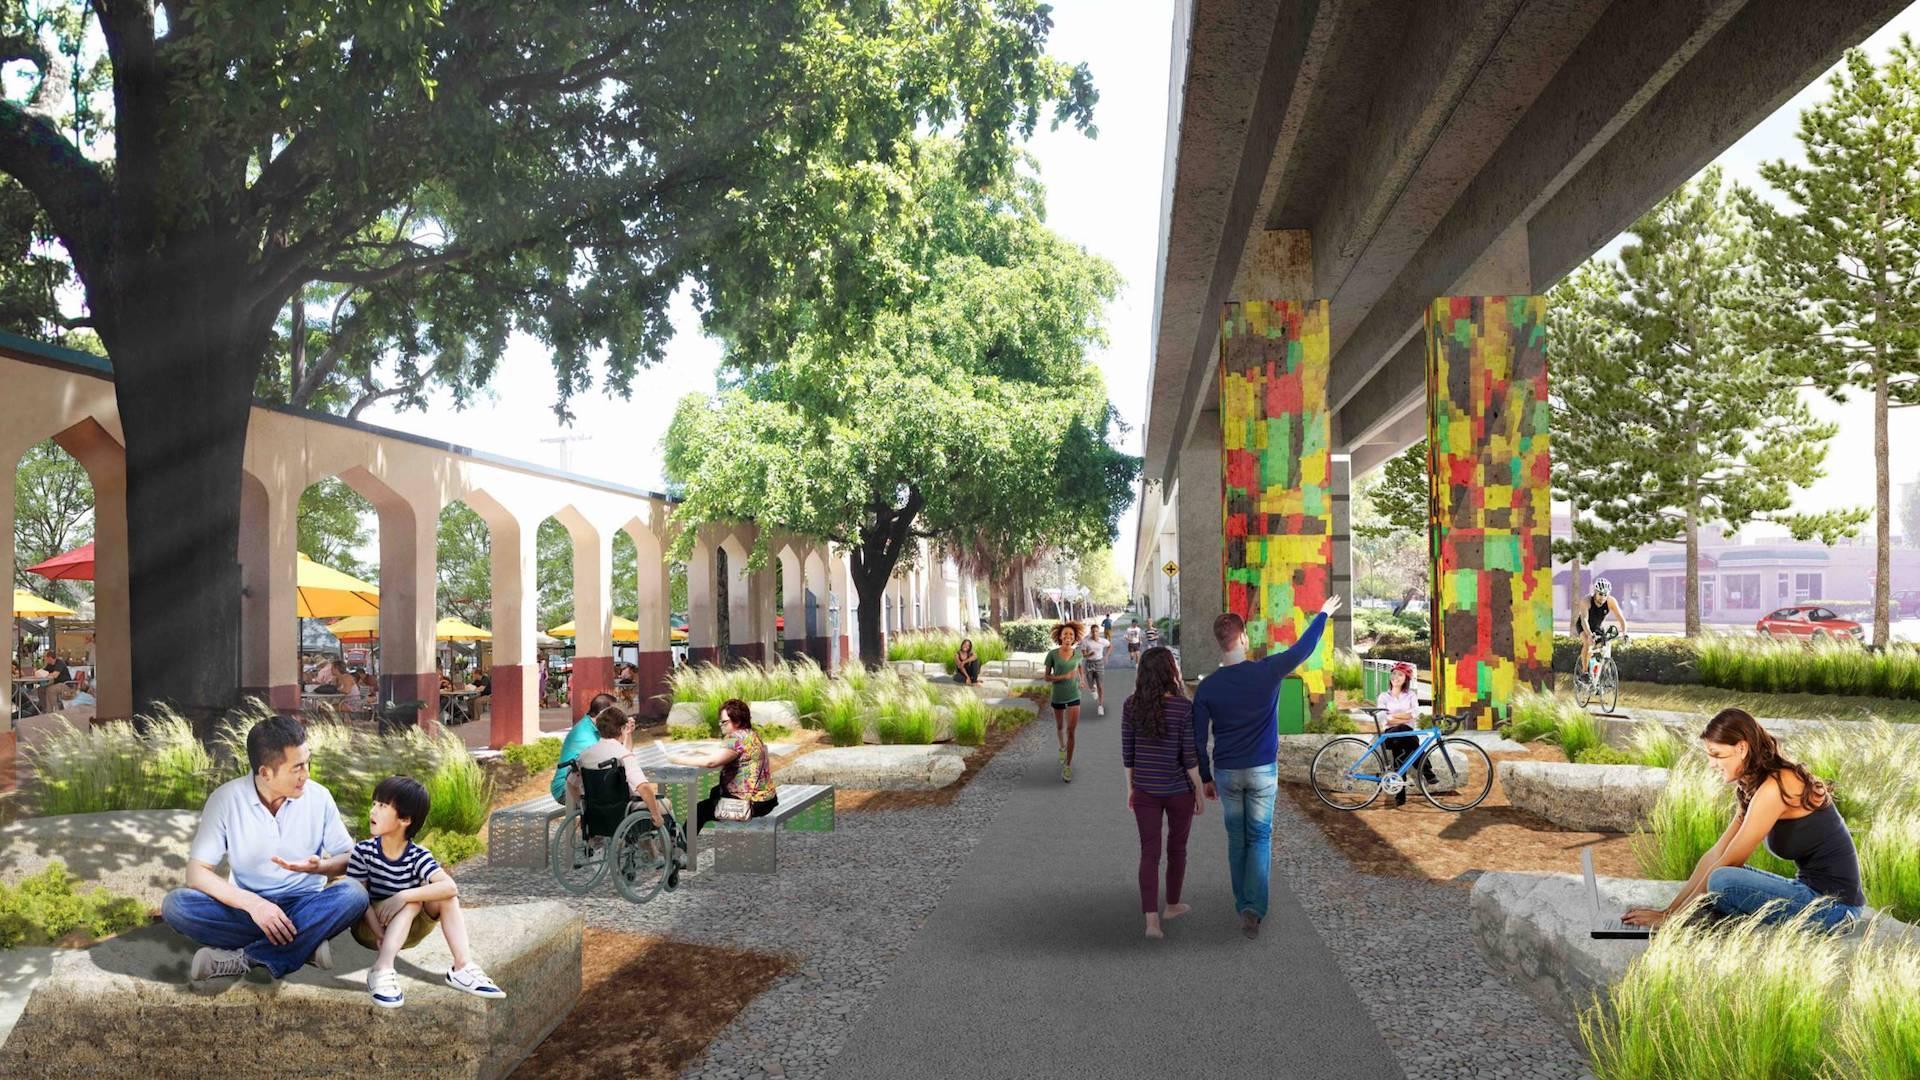 Miami tendrá su nuevo parque Underline, al mejor estilo del High Line de NY - 3